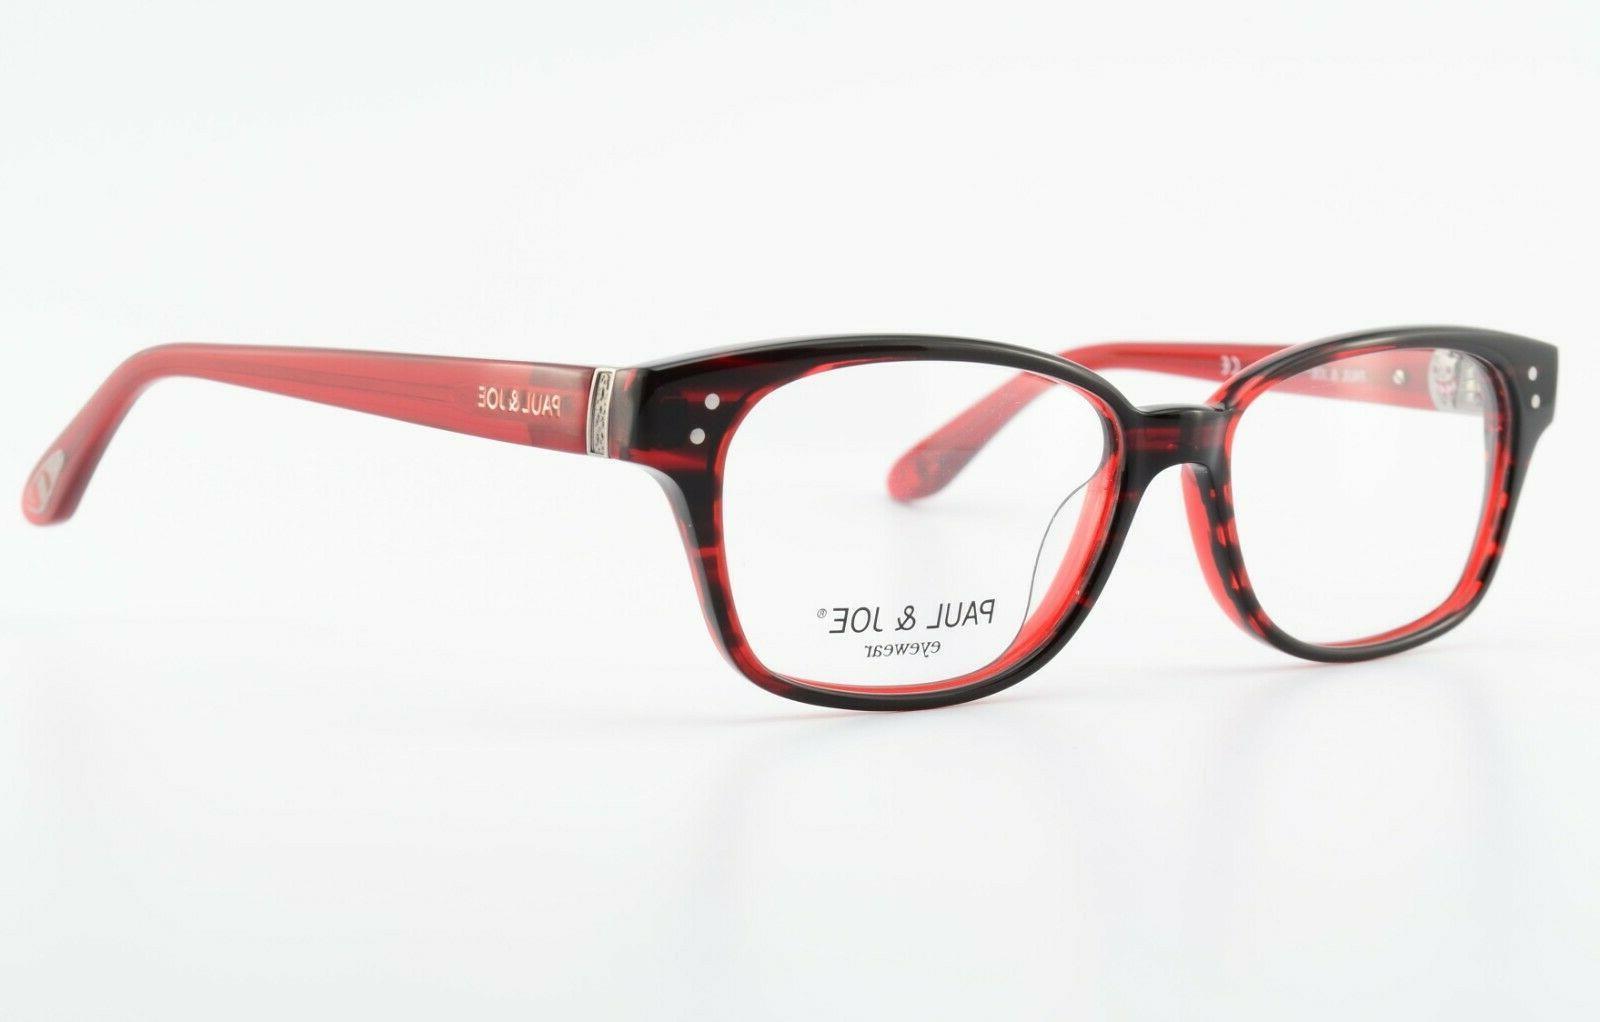 paul and joe eyewear glasses sagesse 31